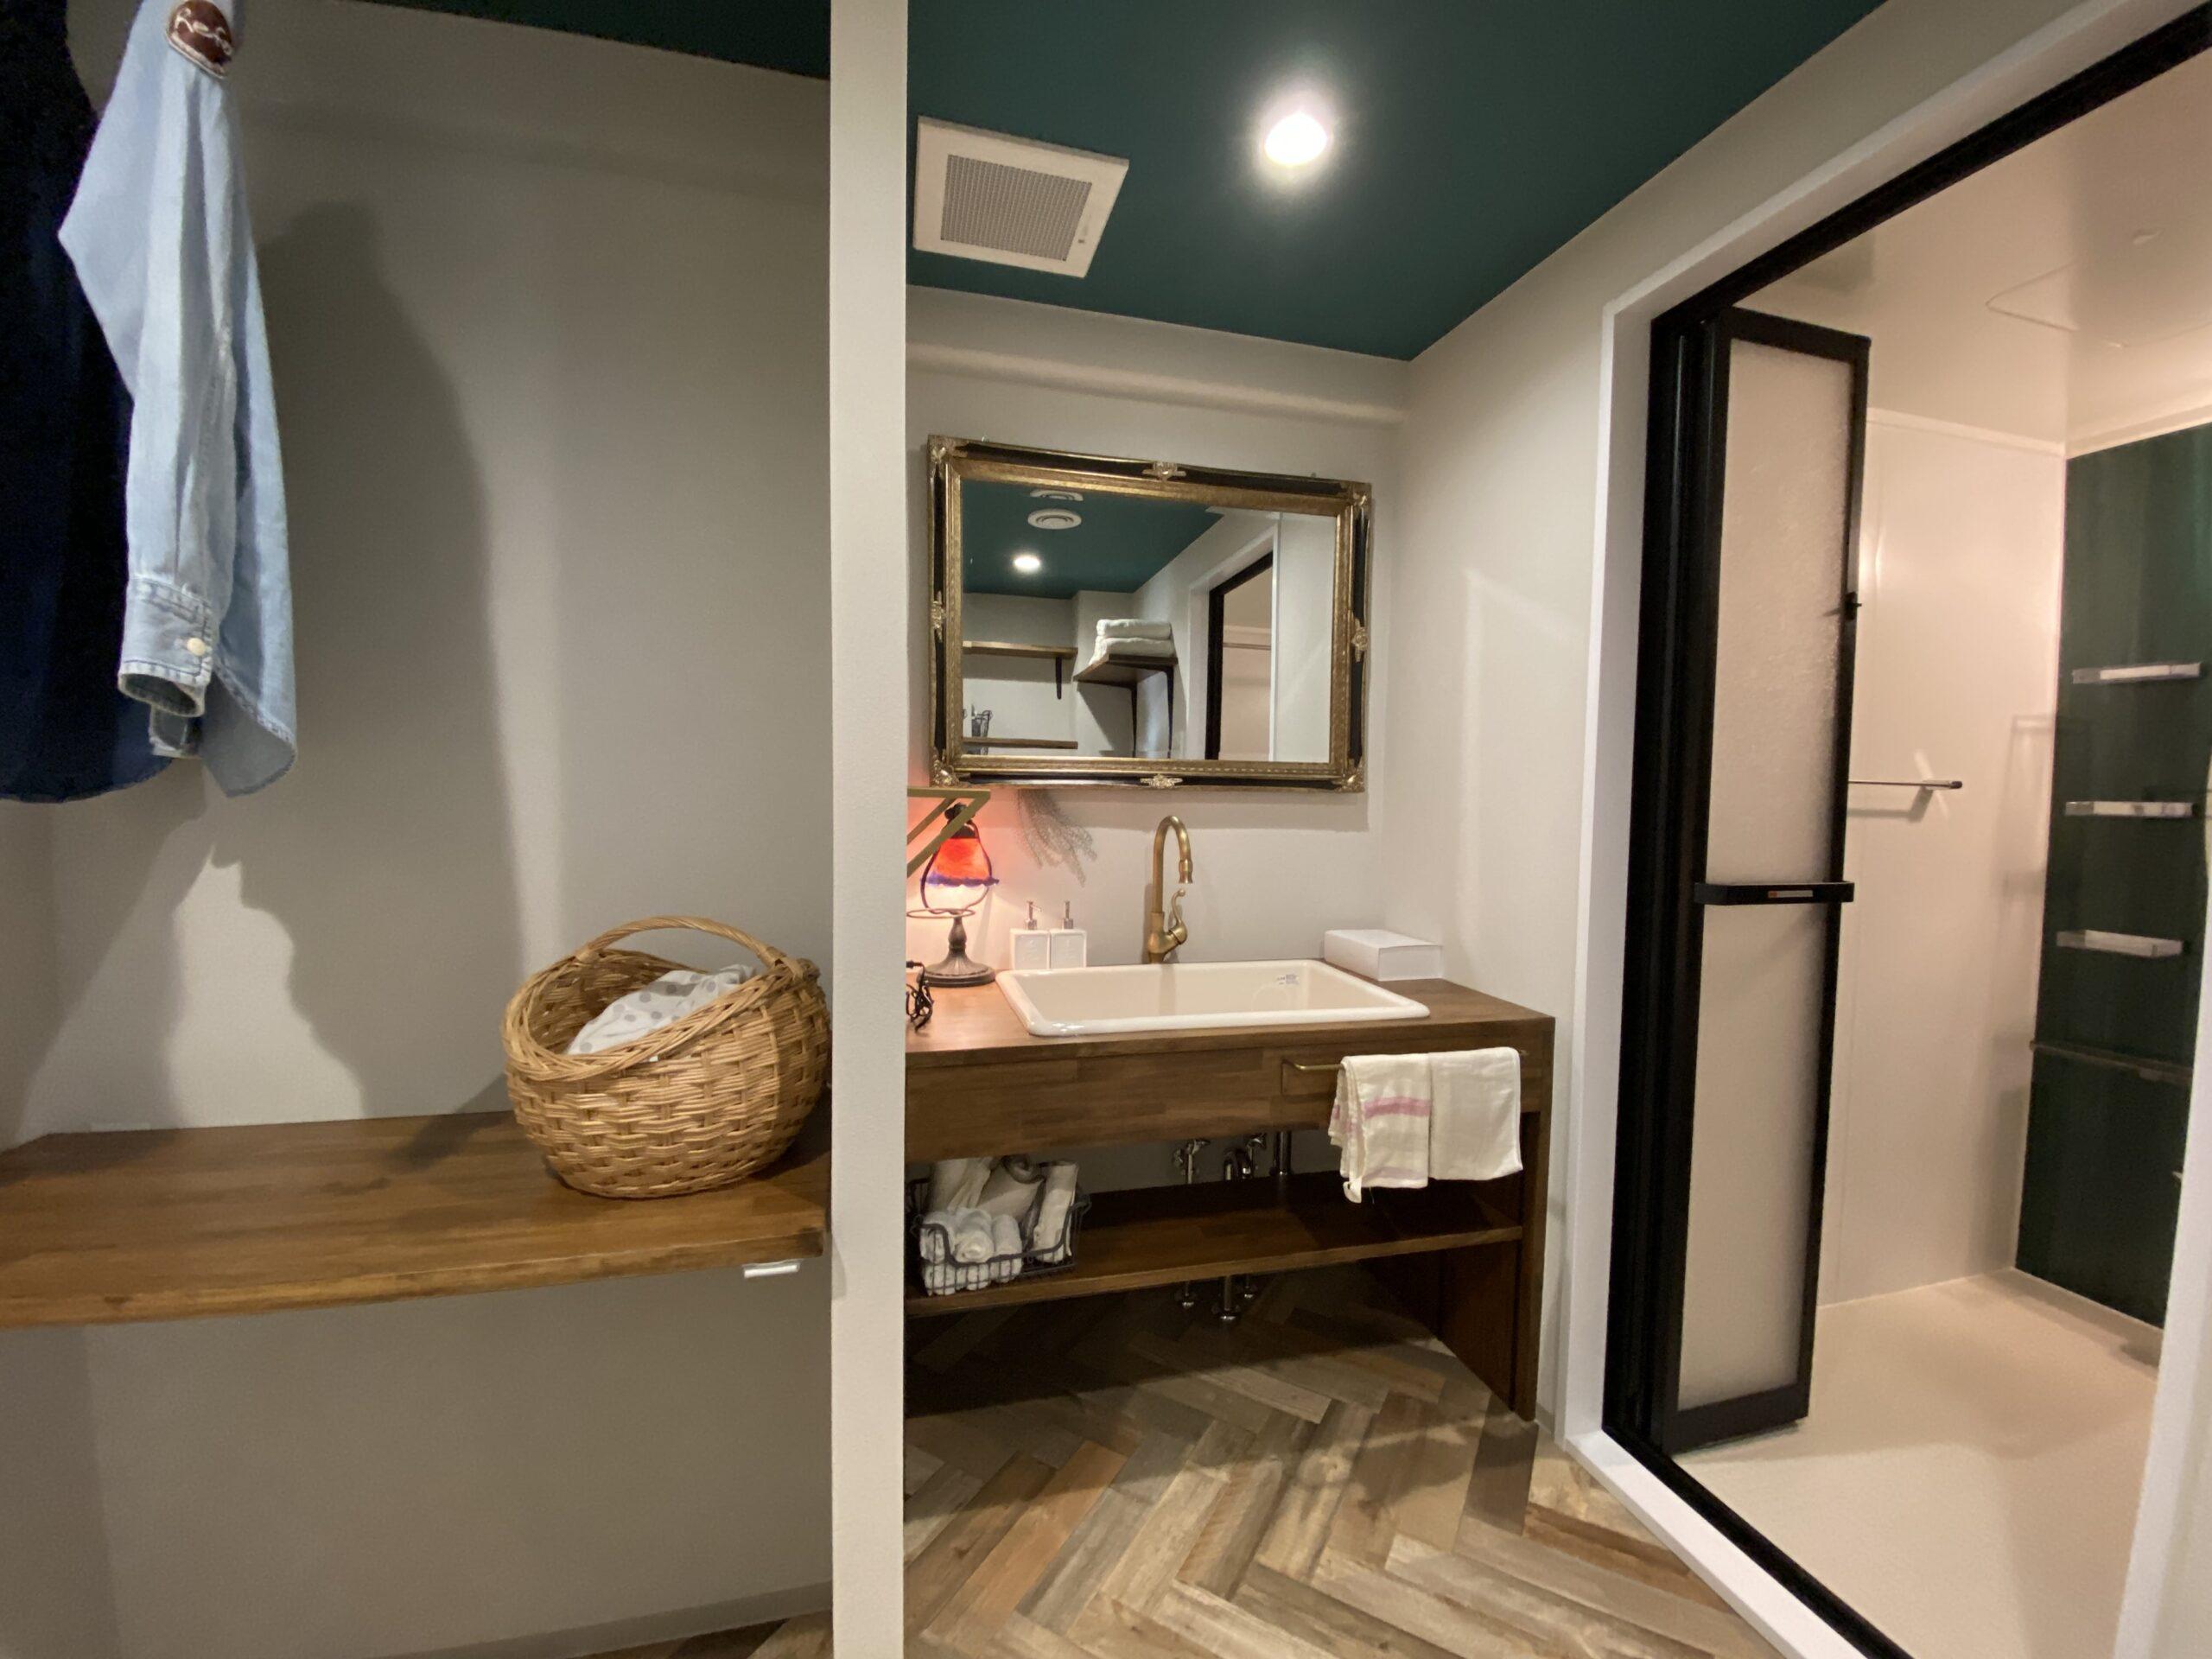 【神戸市】Refaの中古マンションリノベーション。ラ・フォルテ西神中央2番館2507号室。ステージング後の洗面所